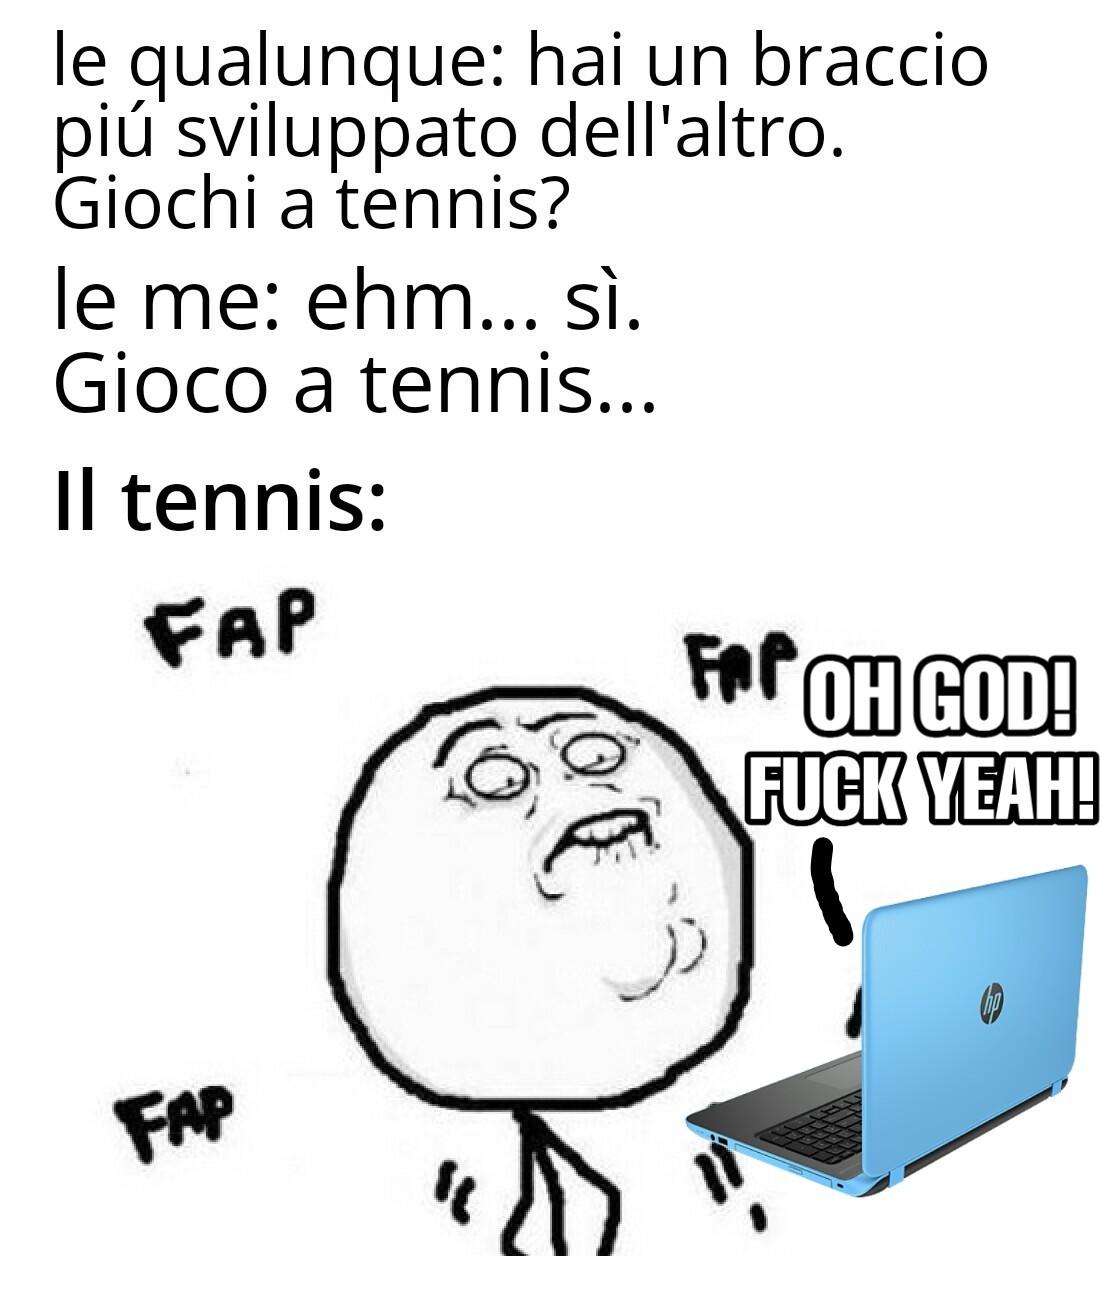 Sono un campione di tennis - meme